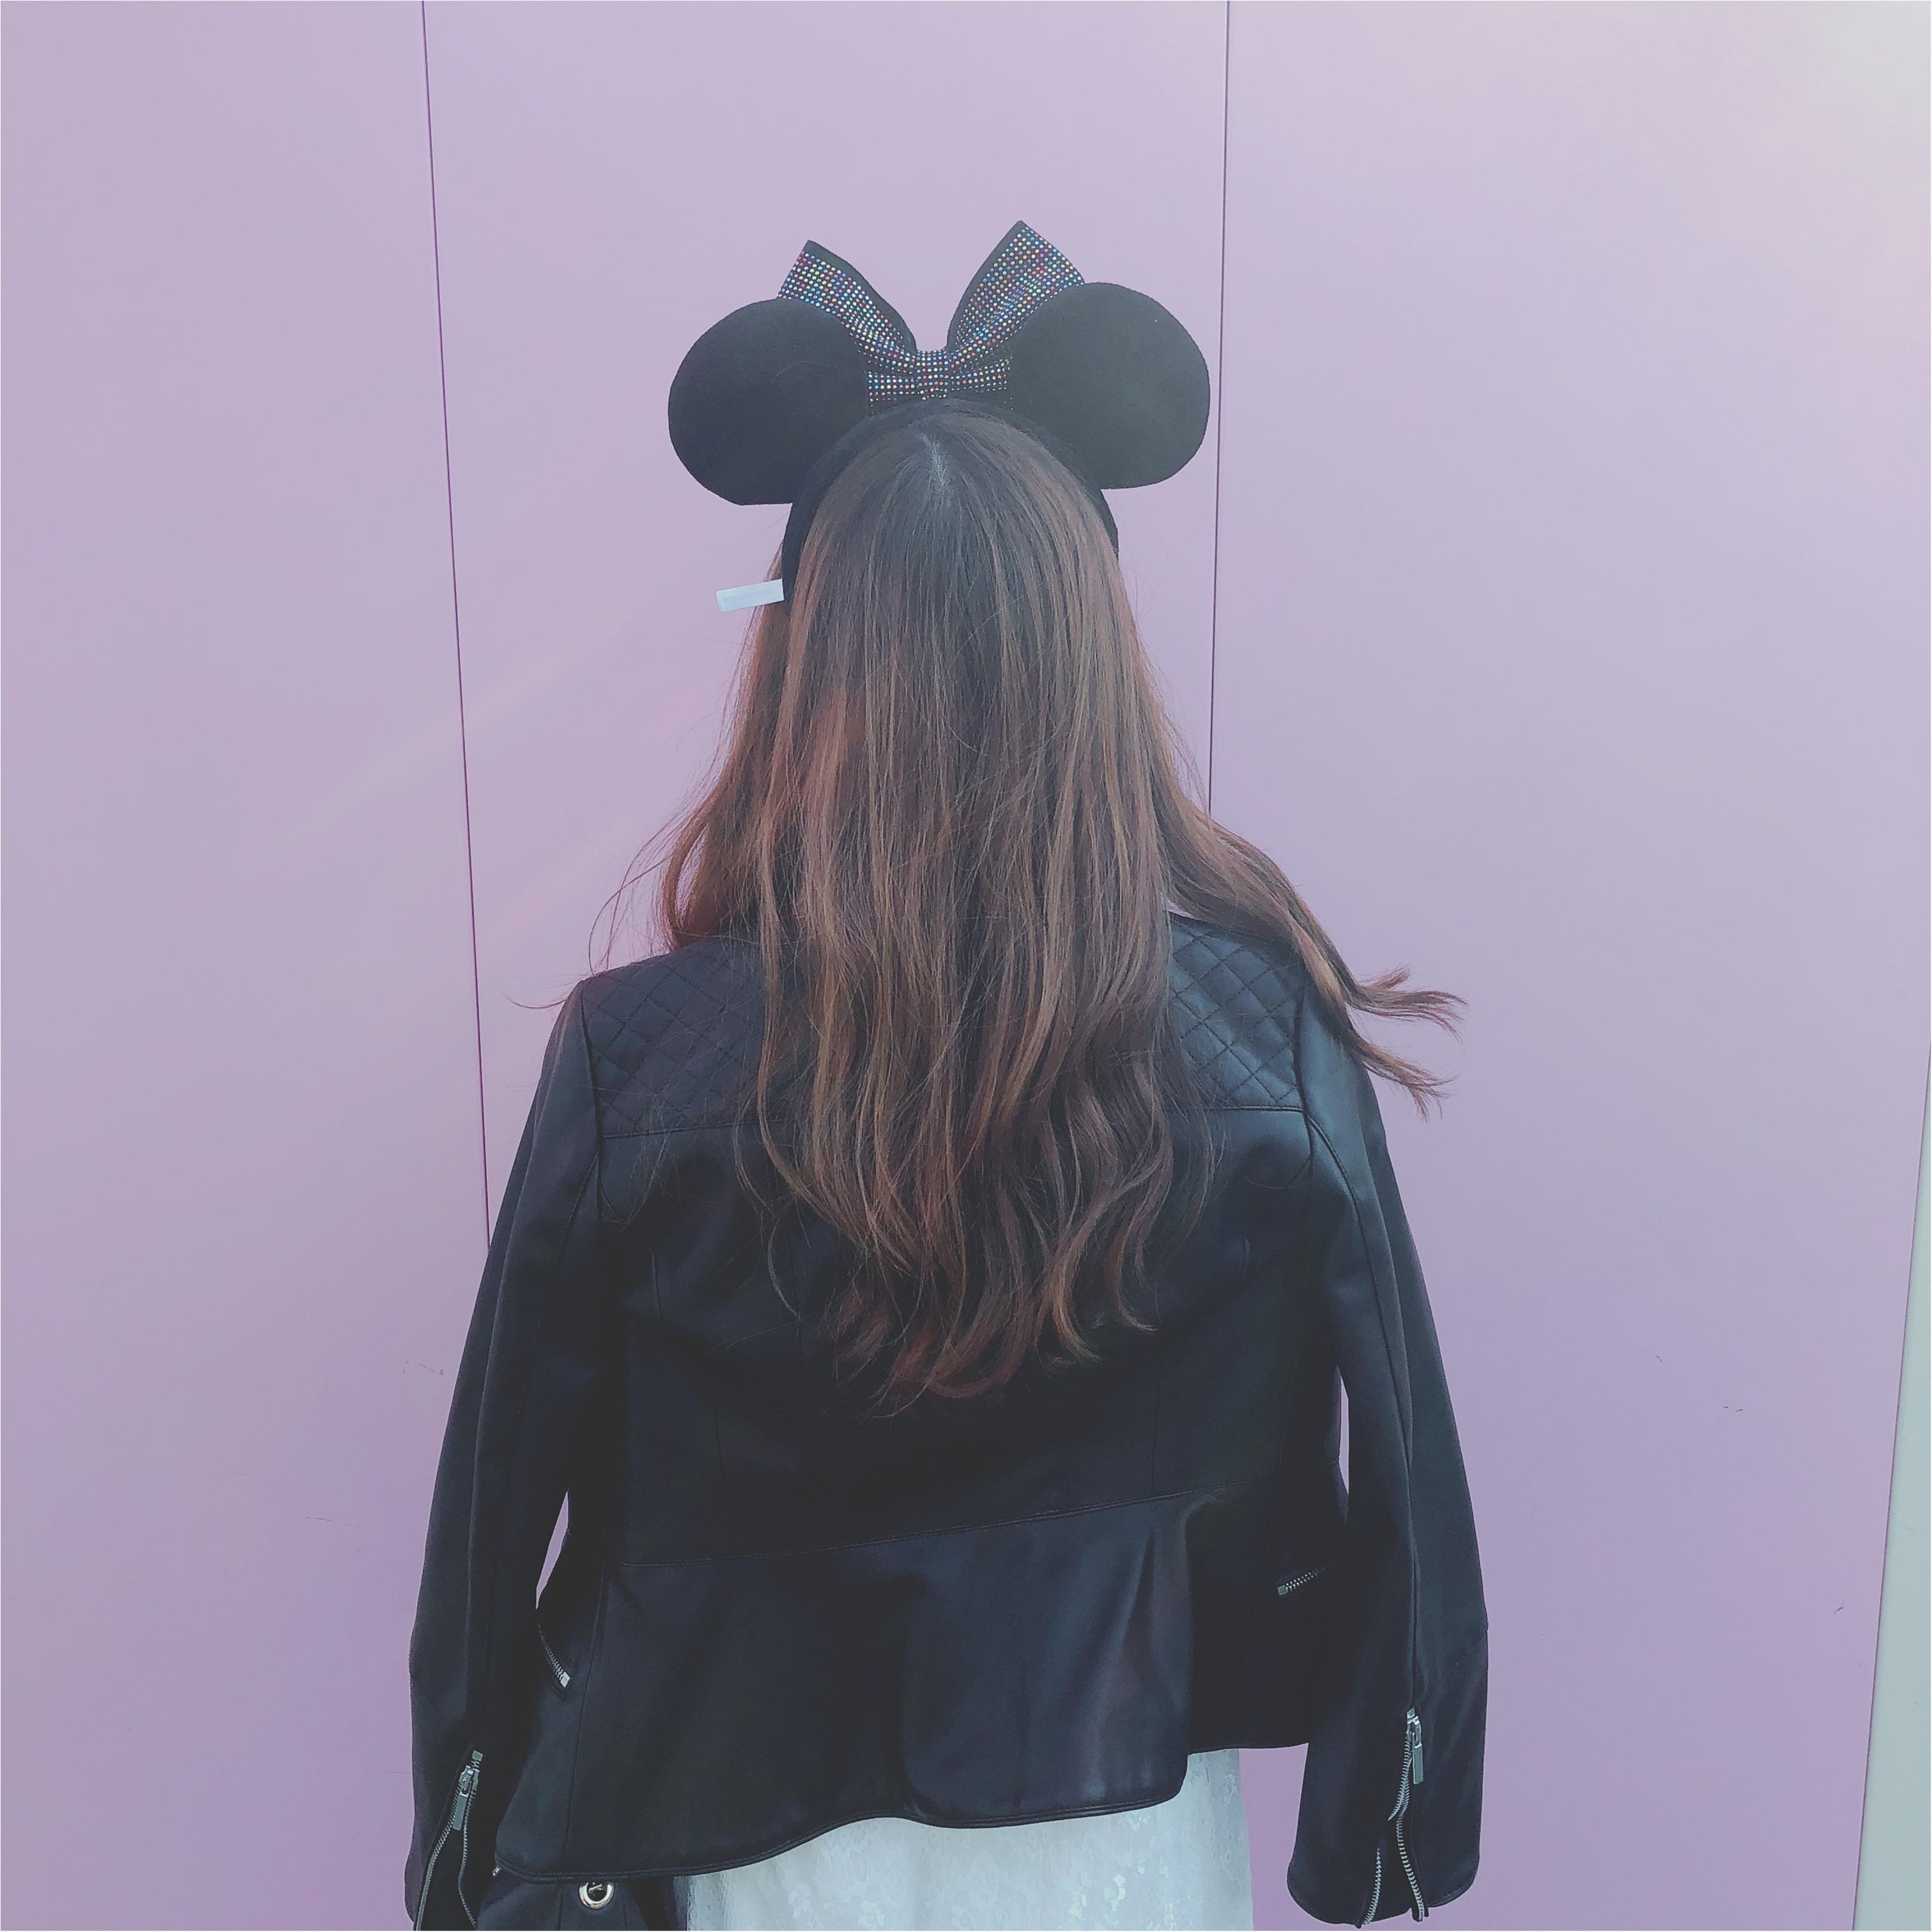 【Disney land】フォトスポットがいっぱい♡♡色々撮ってきました〜♡撮った写真を可愛く加工しましょ〜〜★★!加工アプリもご紹介♥︎_1